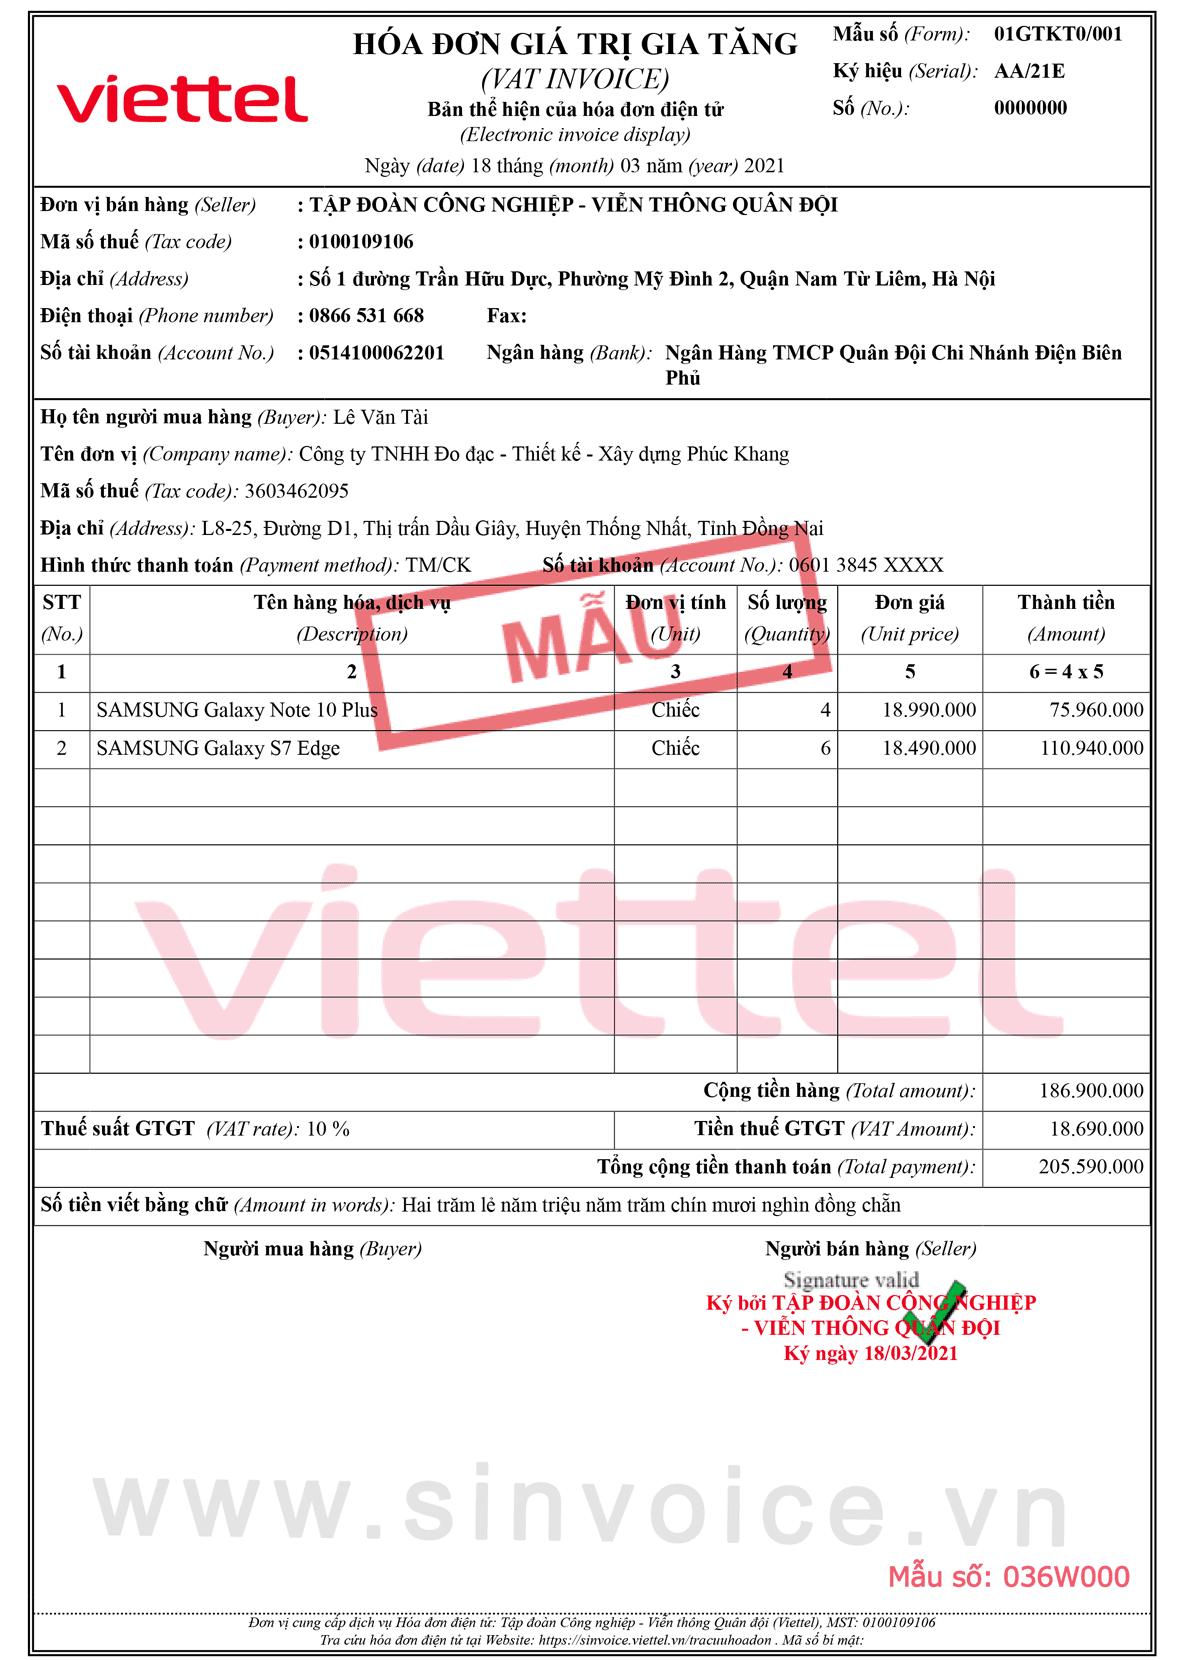 Mẫu hóa đơn điện tử số 036W000